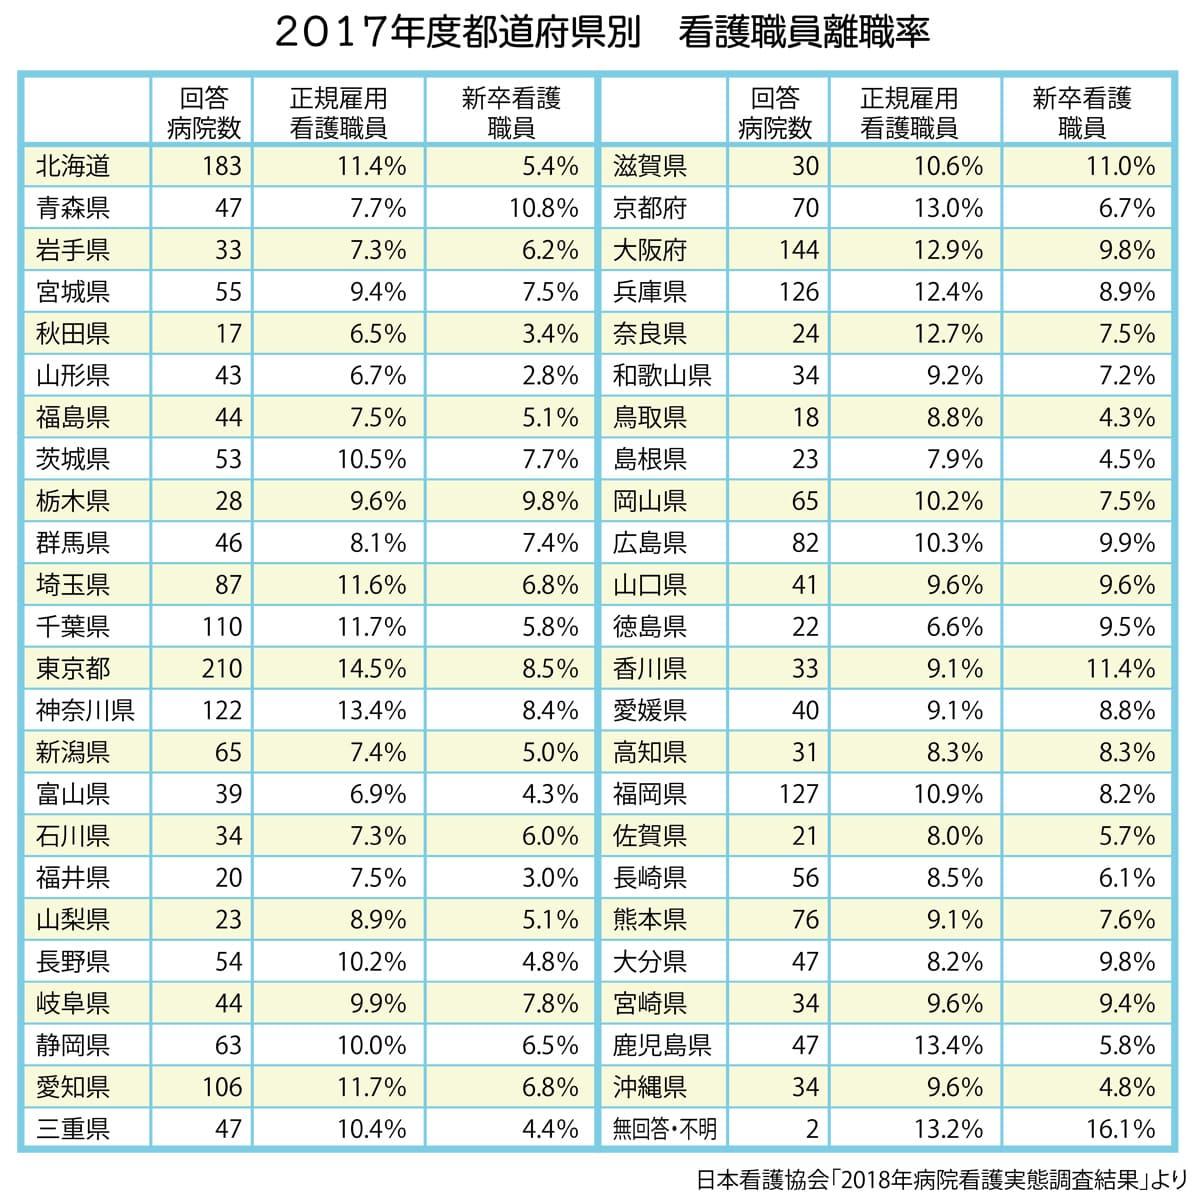 都道府県別看護職員離職率(2017年度)